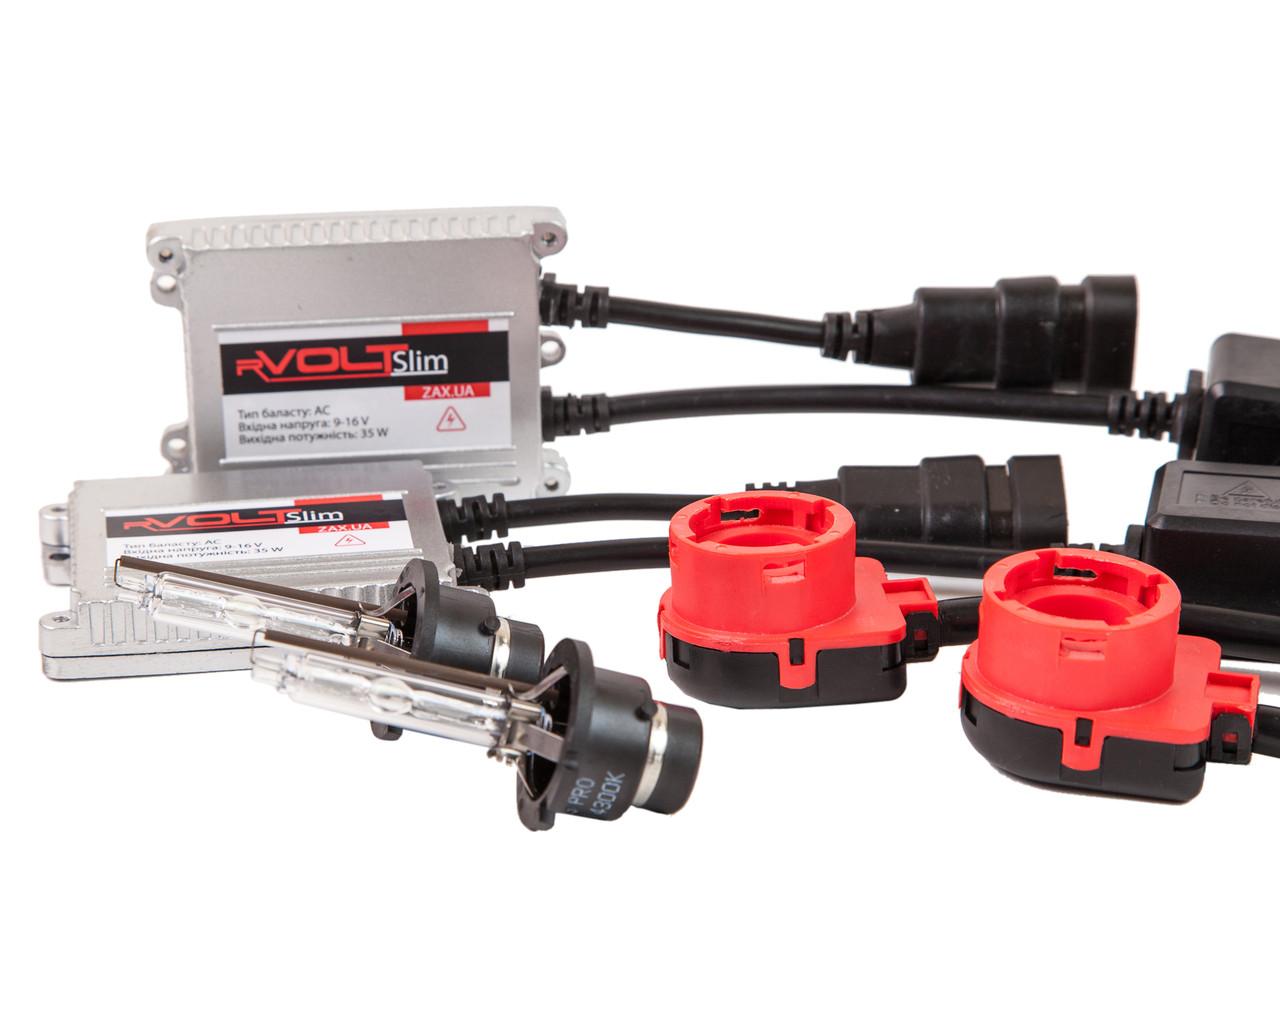 Комплект ксенона rVolt slim 35W 9-16V D2S Pro 8000K